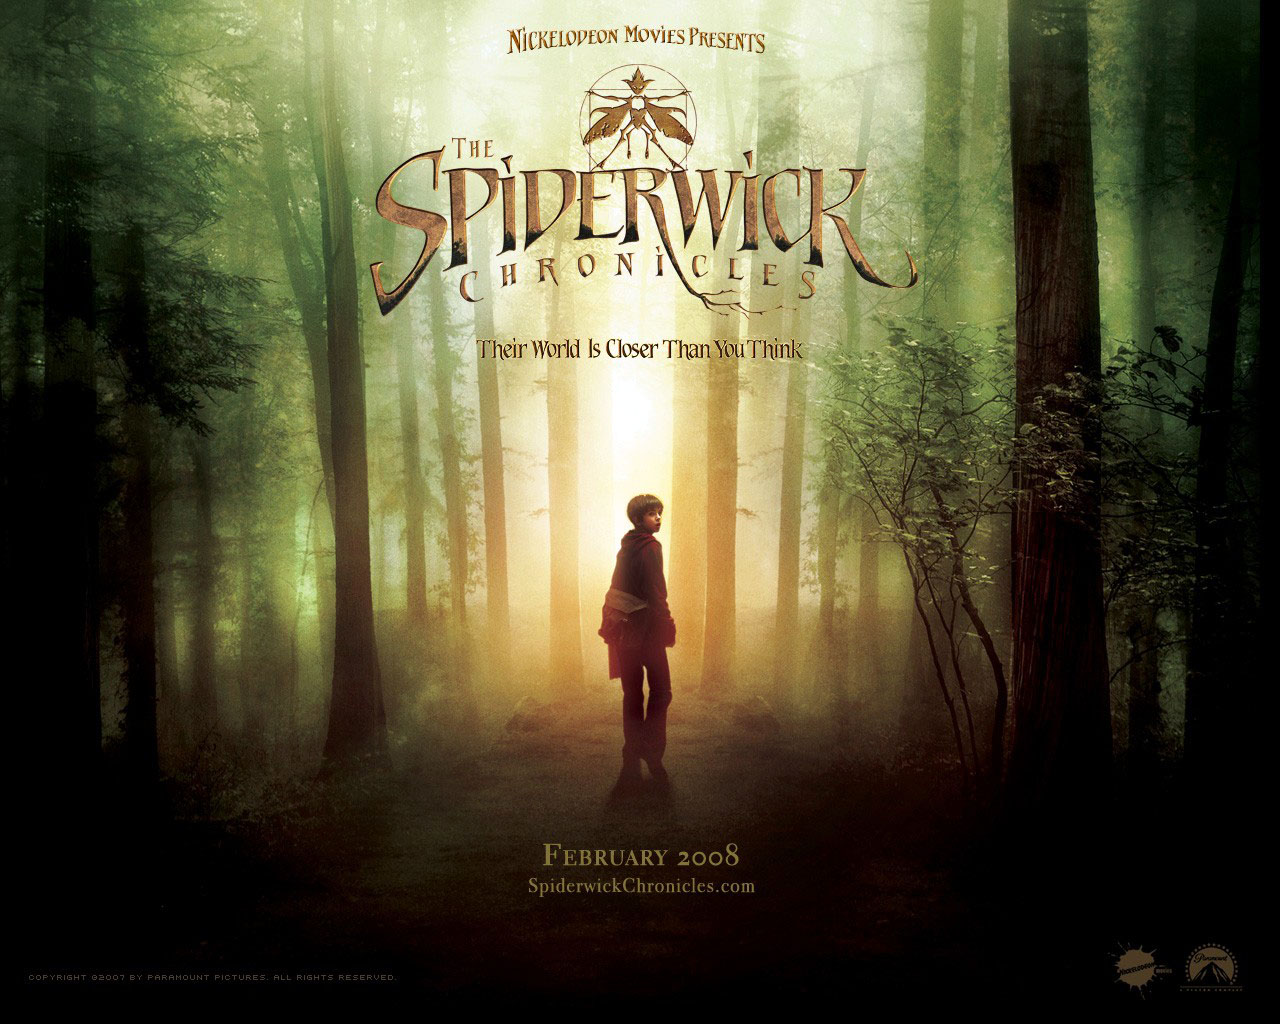 TÉLÉCHARGER LES CHRONIQUES DE SPIDERWICK LE FILM